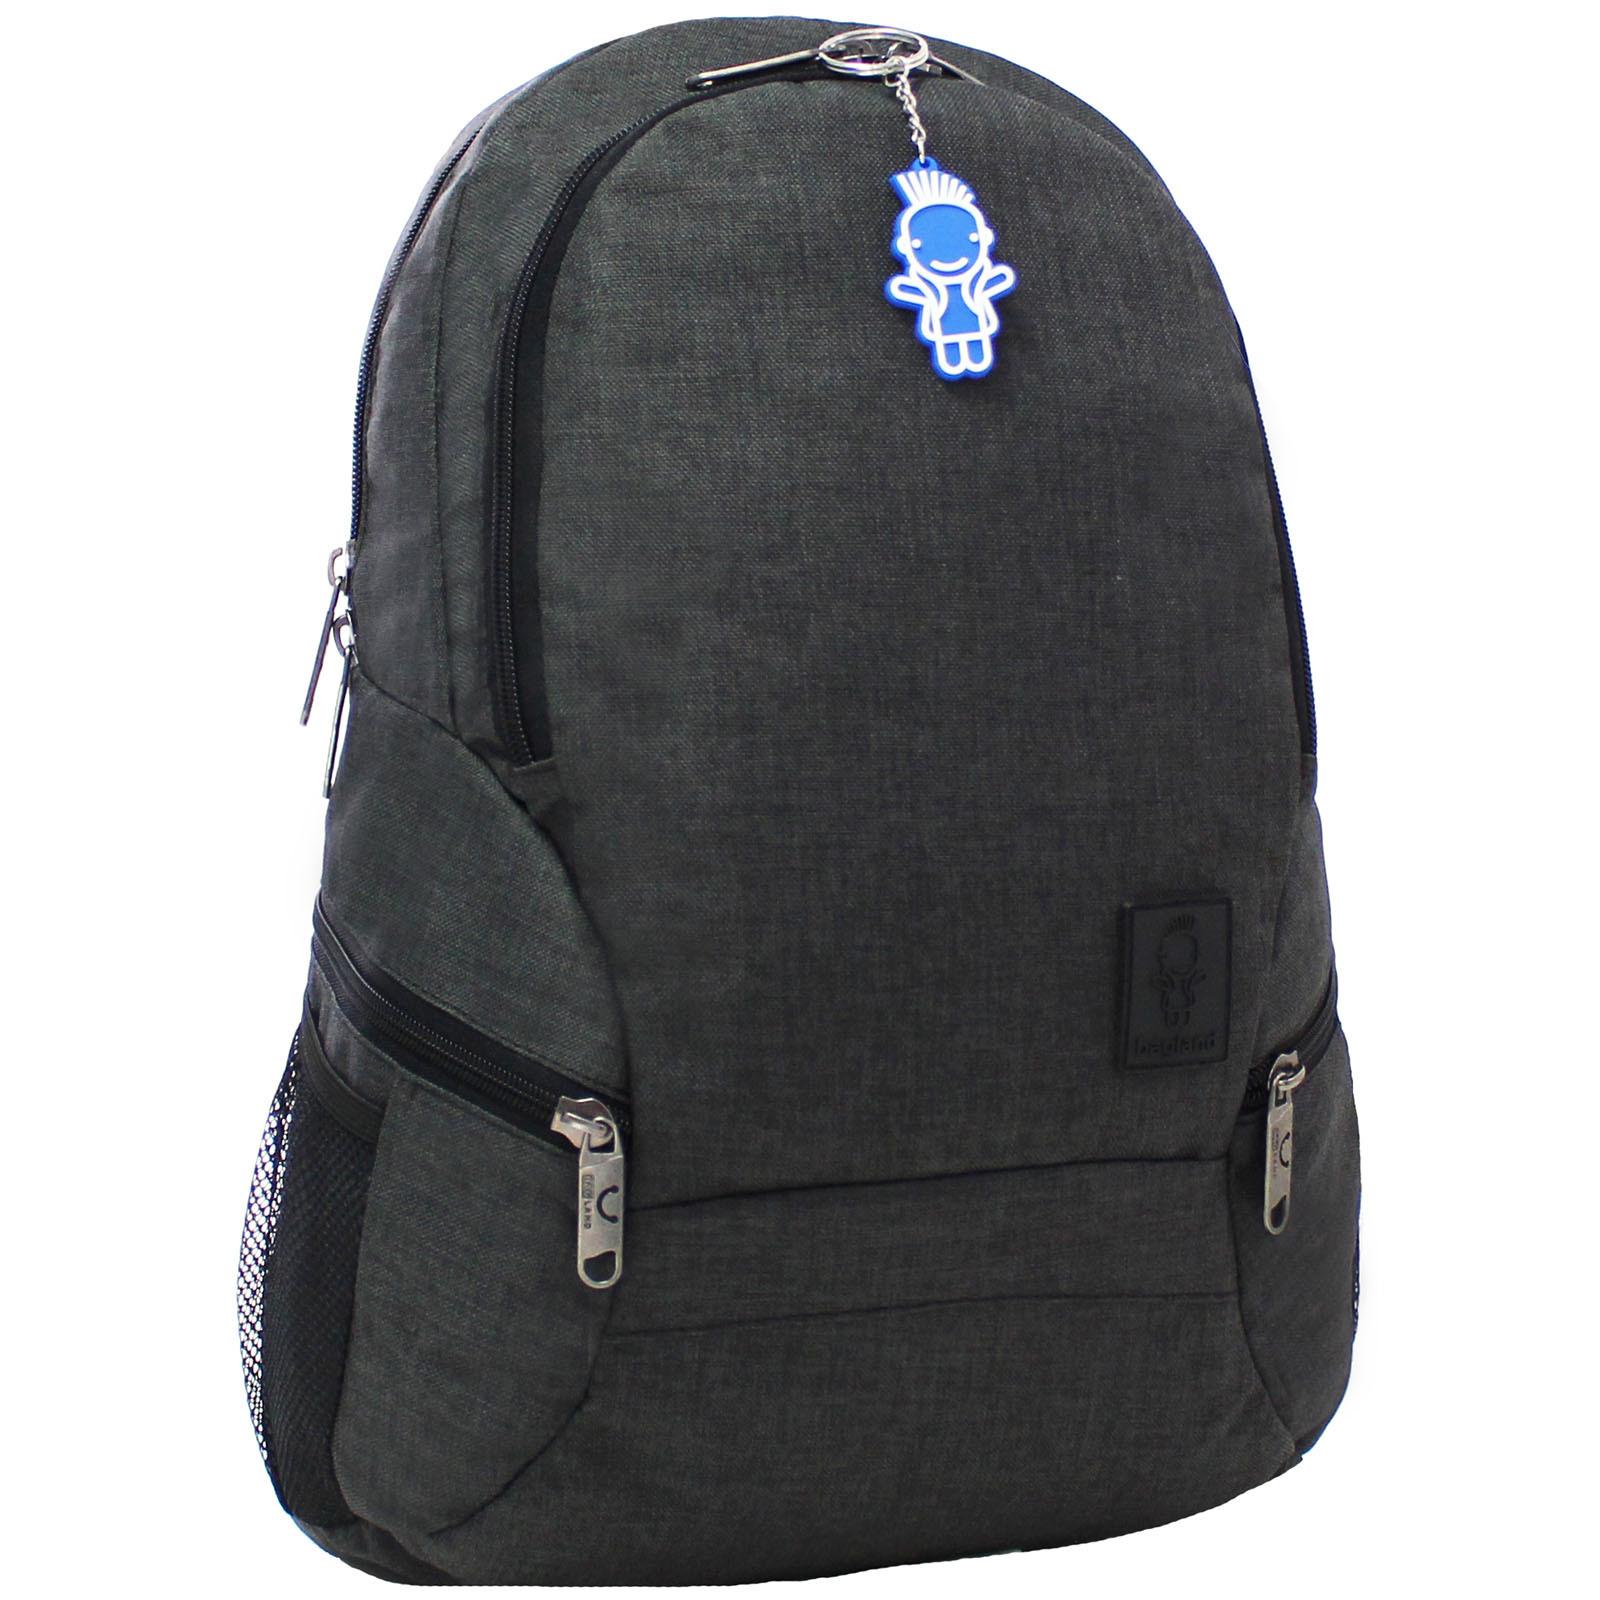 Городские рюкзаки Рюкзак Bagland Urban 20 л. Чёрный (0053069) IMG_6160.JPG